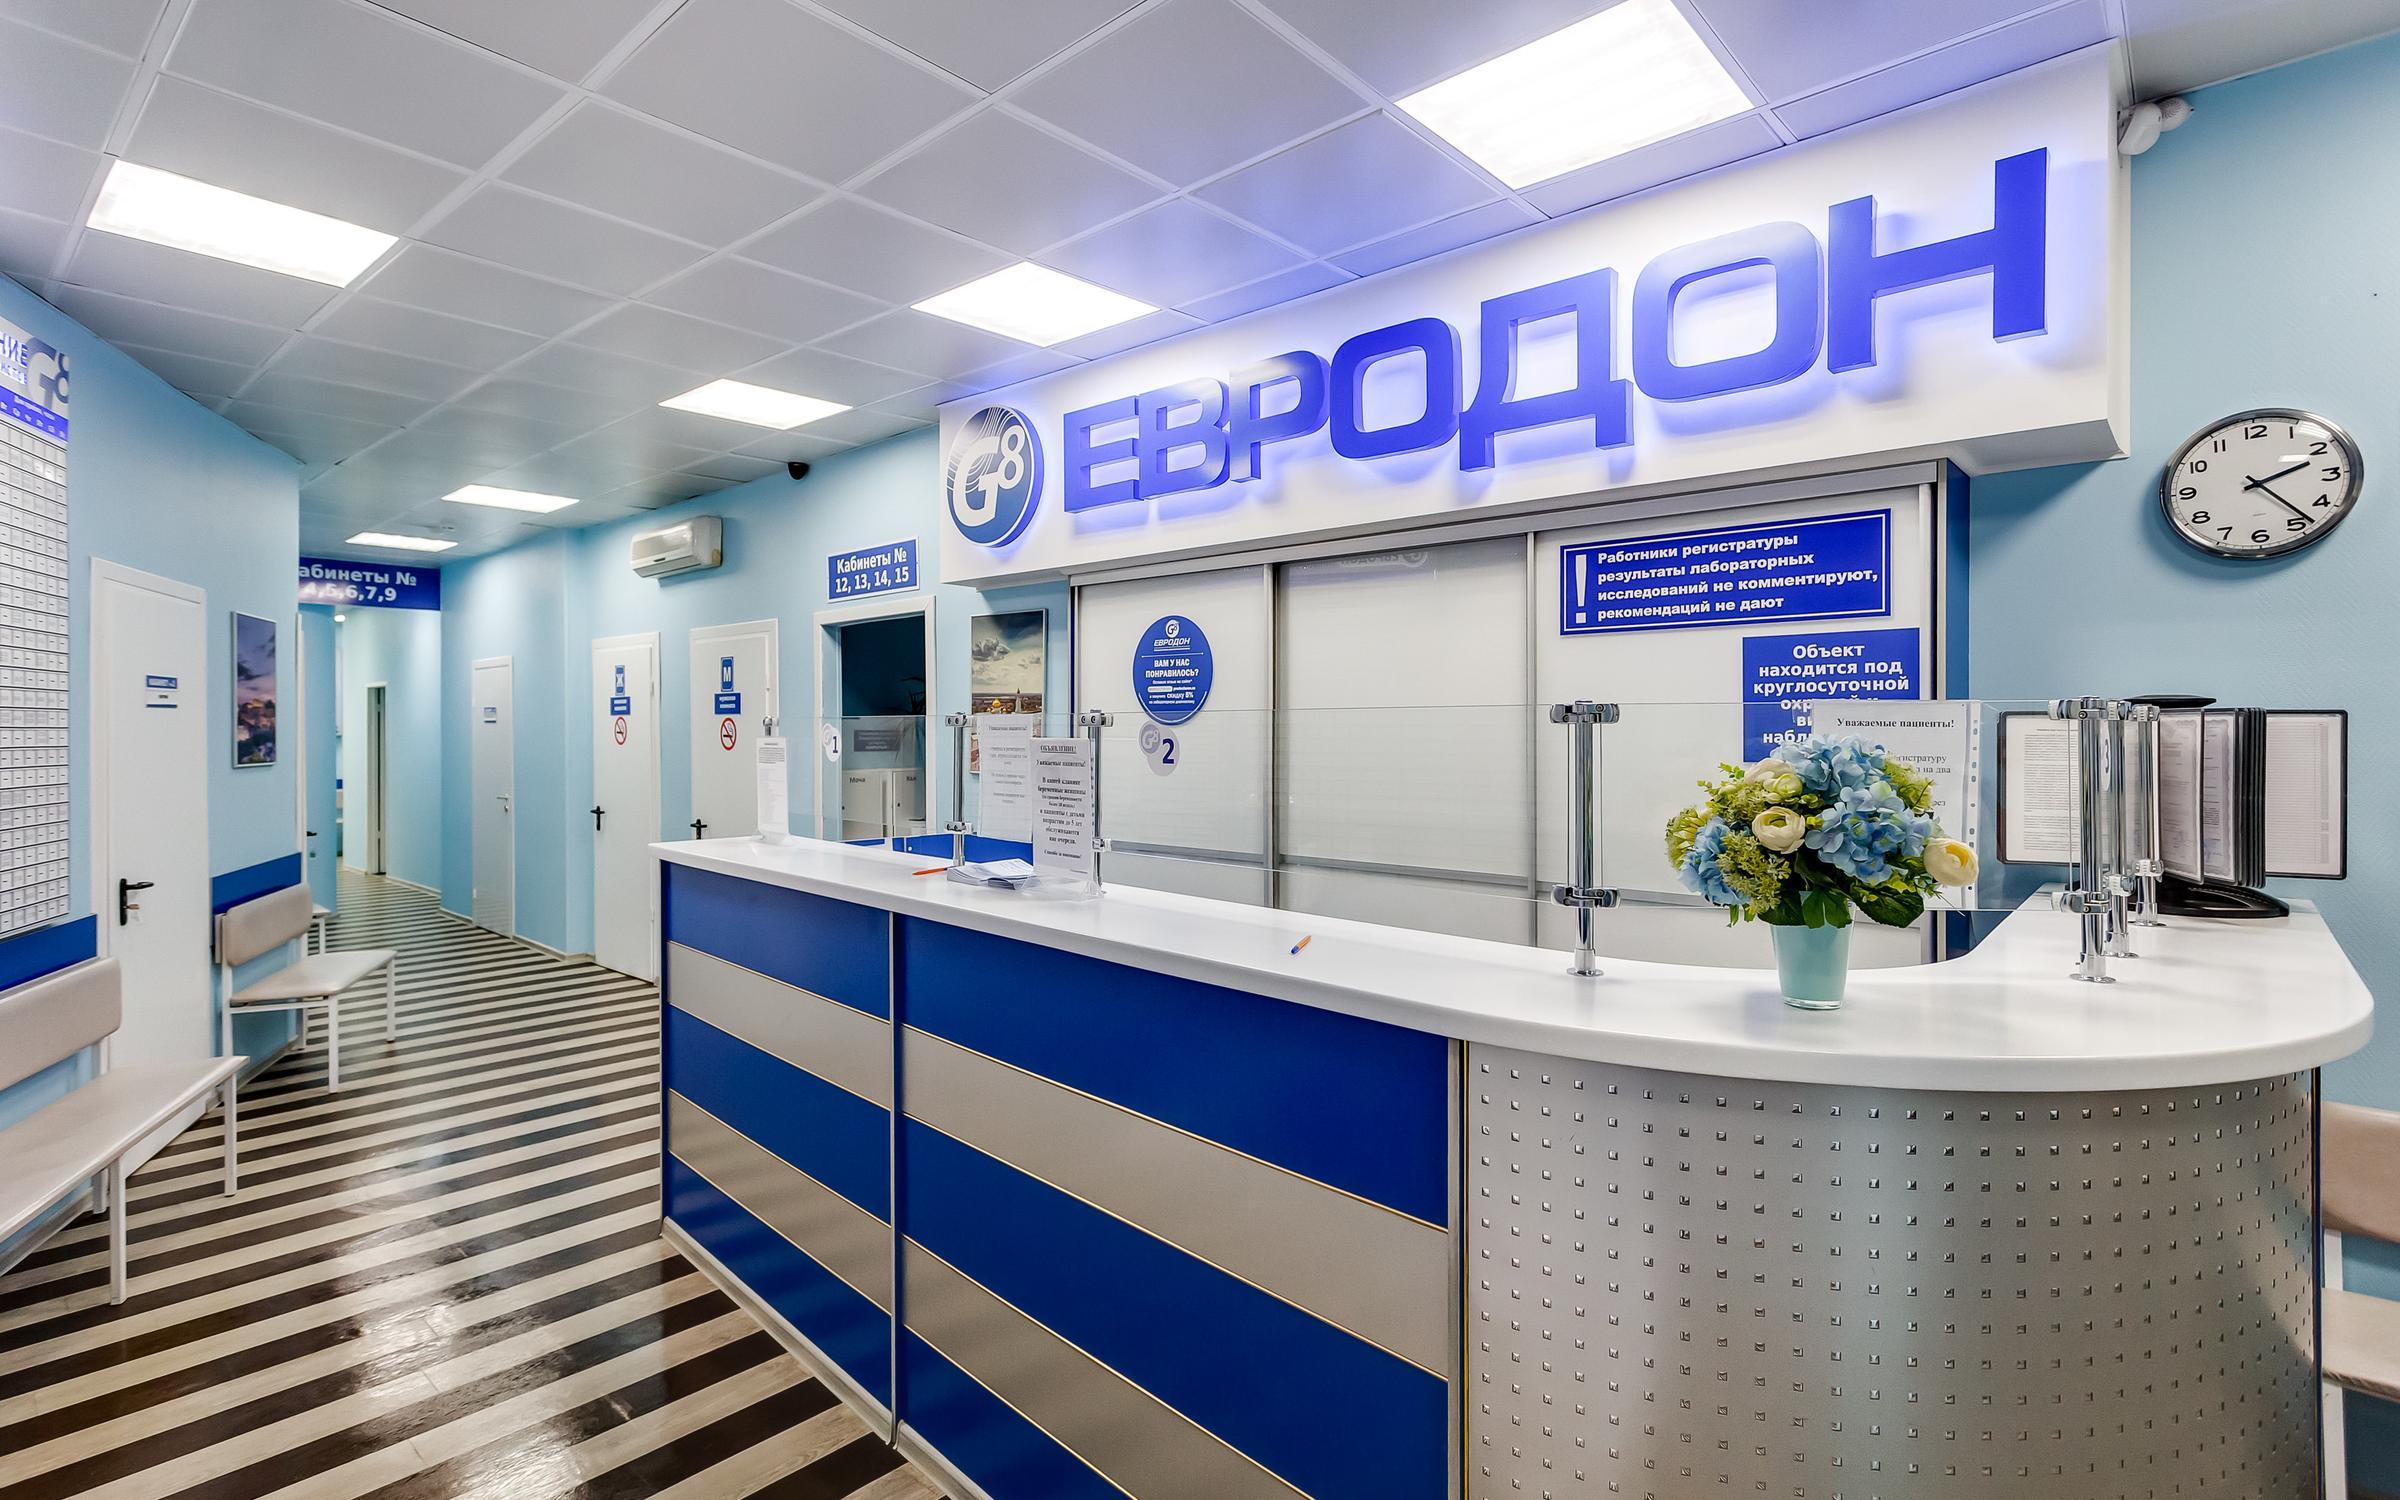 фотография Консультативно-диагностического центра ЕвроДон на Социалистической улице